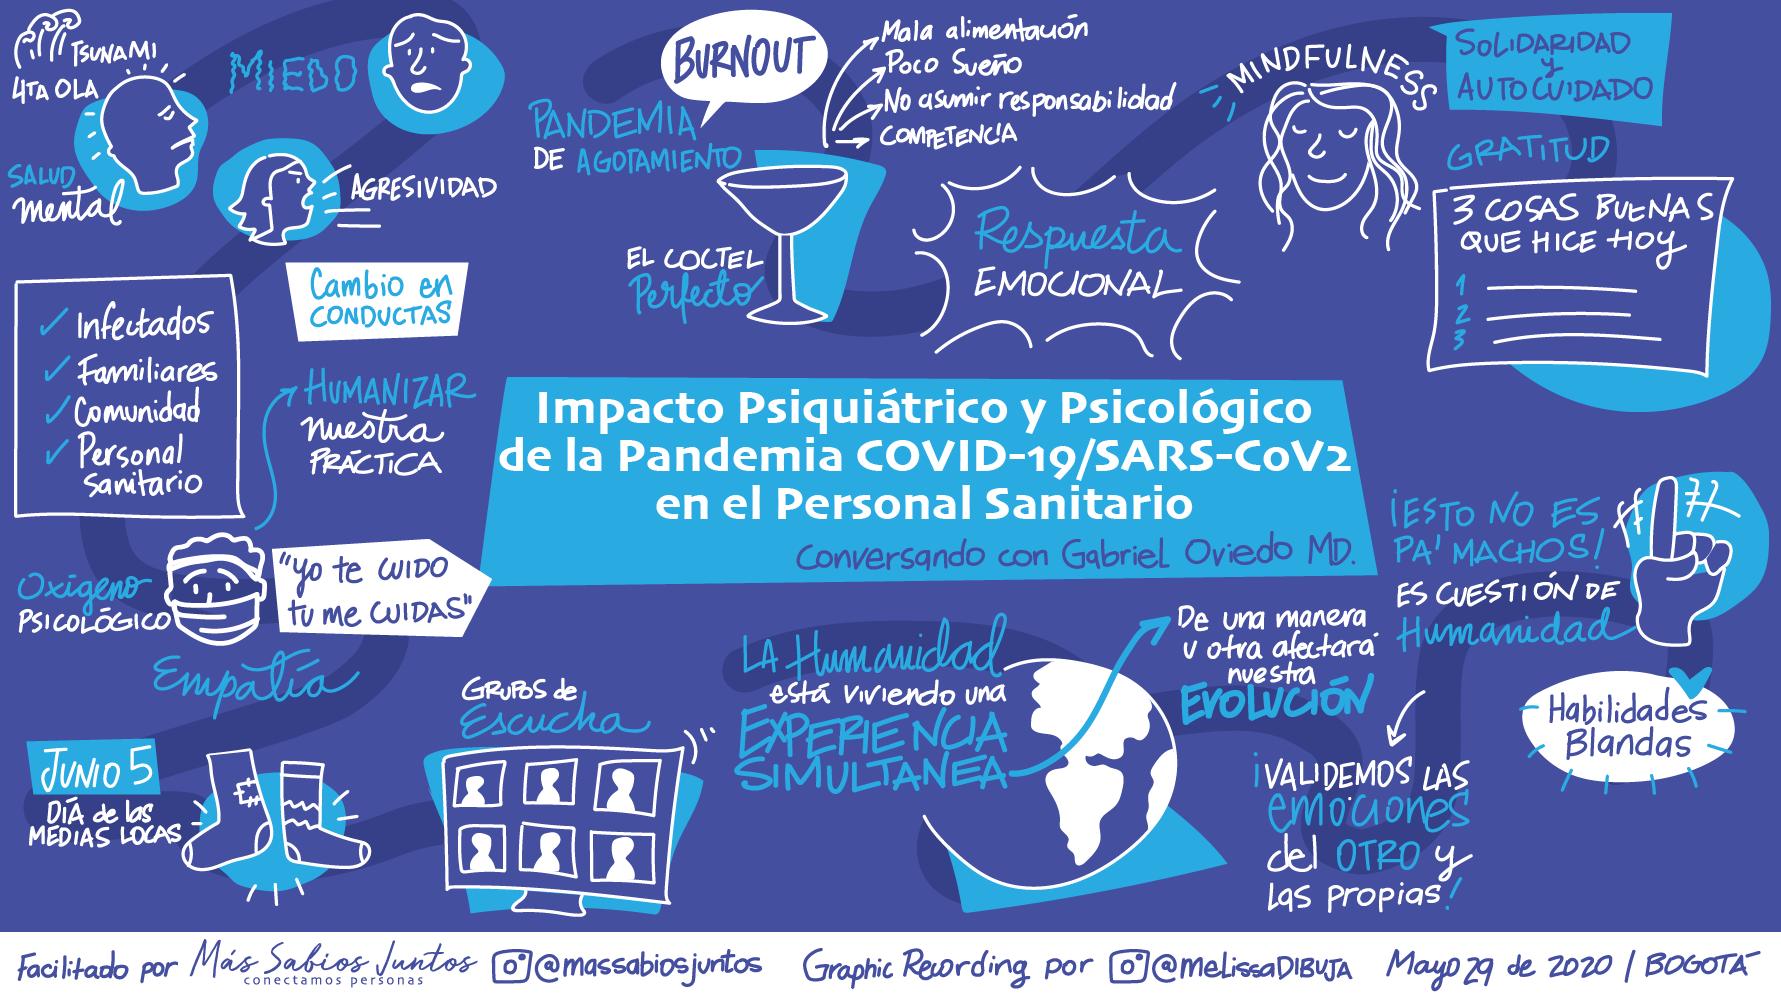 Riesgos Psiquiátrico y Psicológico de la Pandemia COVID-19 / SARS-CoV2 en el Personal Sanitario